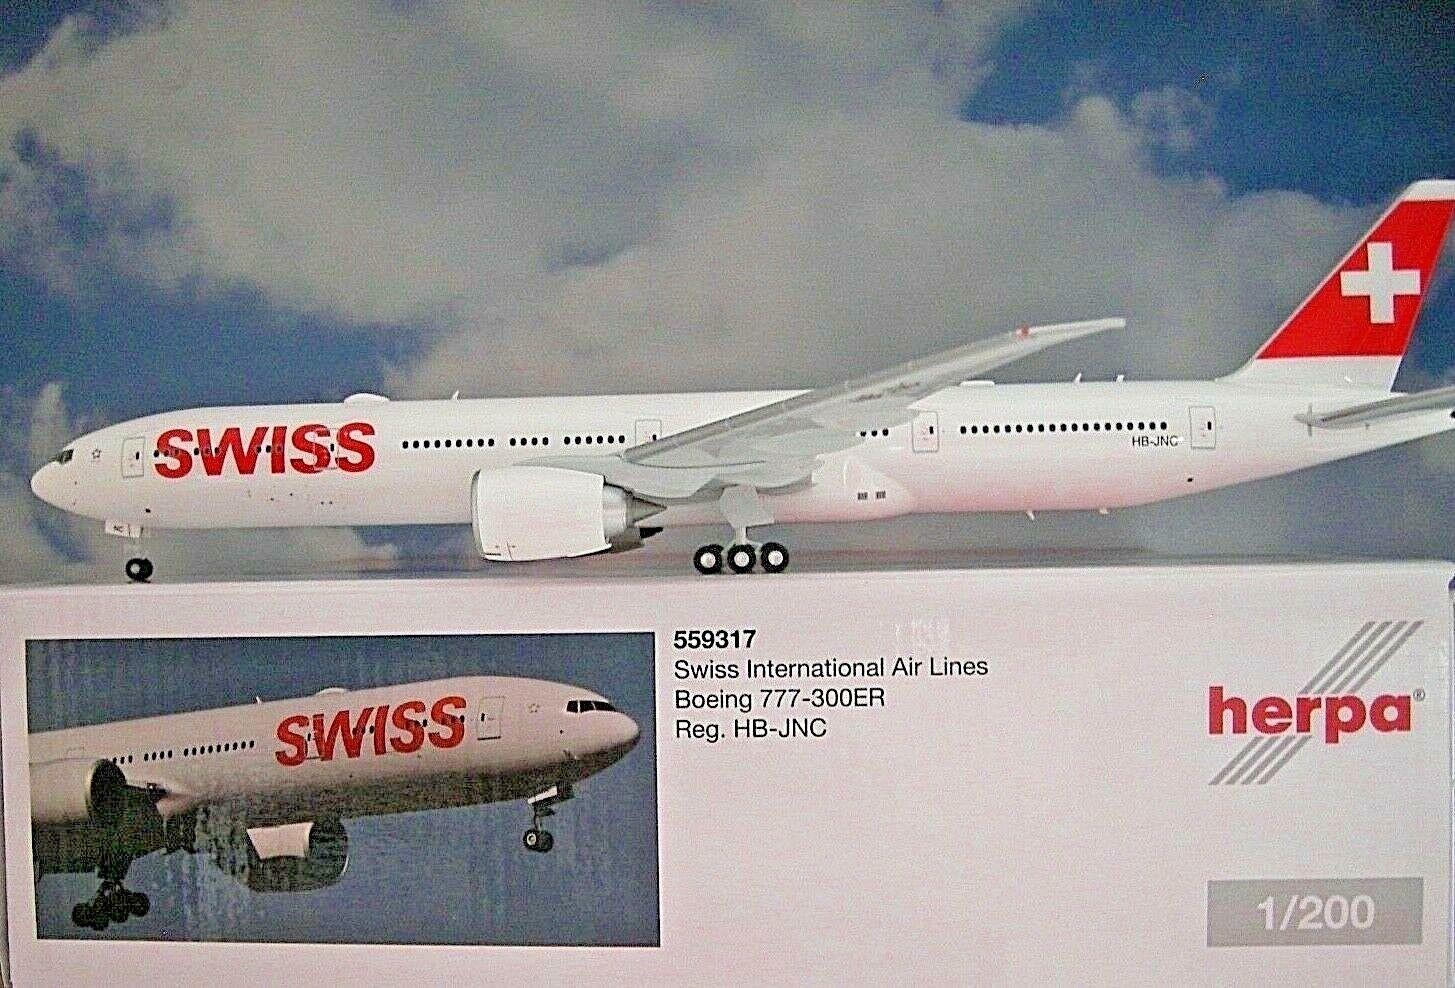 Herpa Herpa Herpa Wings 1 200 boeing 777-300er Swiss International Air Lines HB-JNC 559317 b2944d